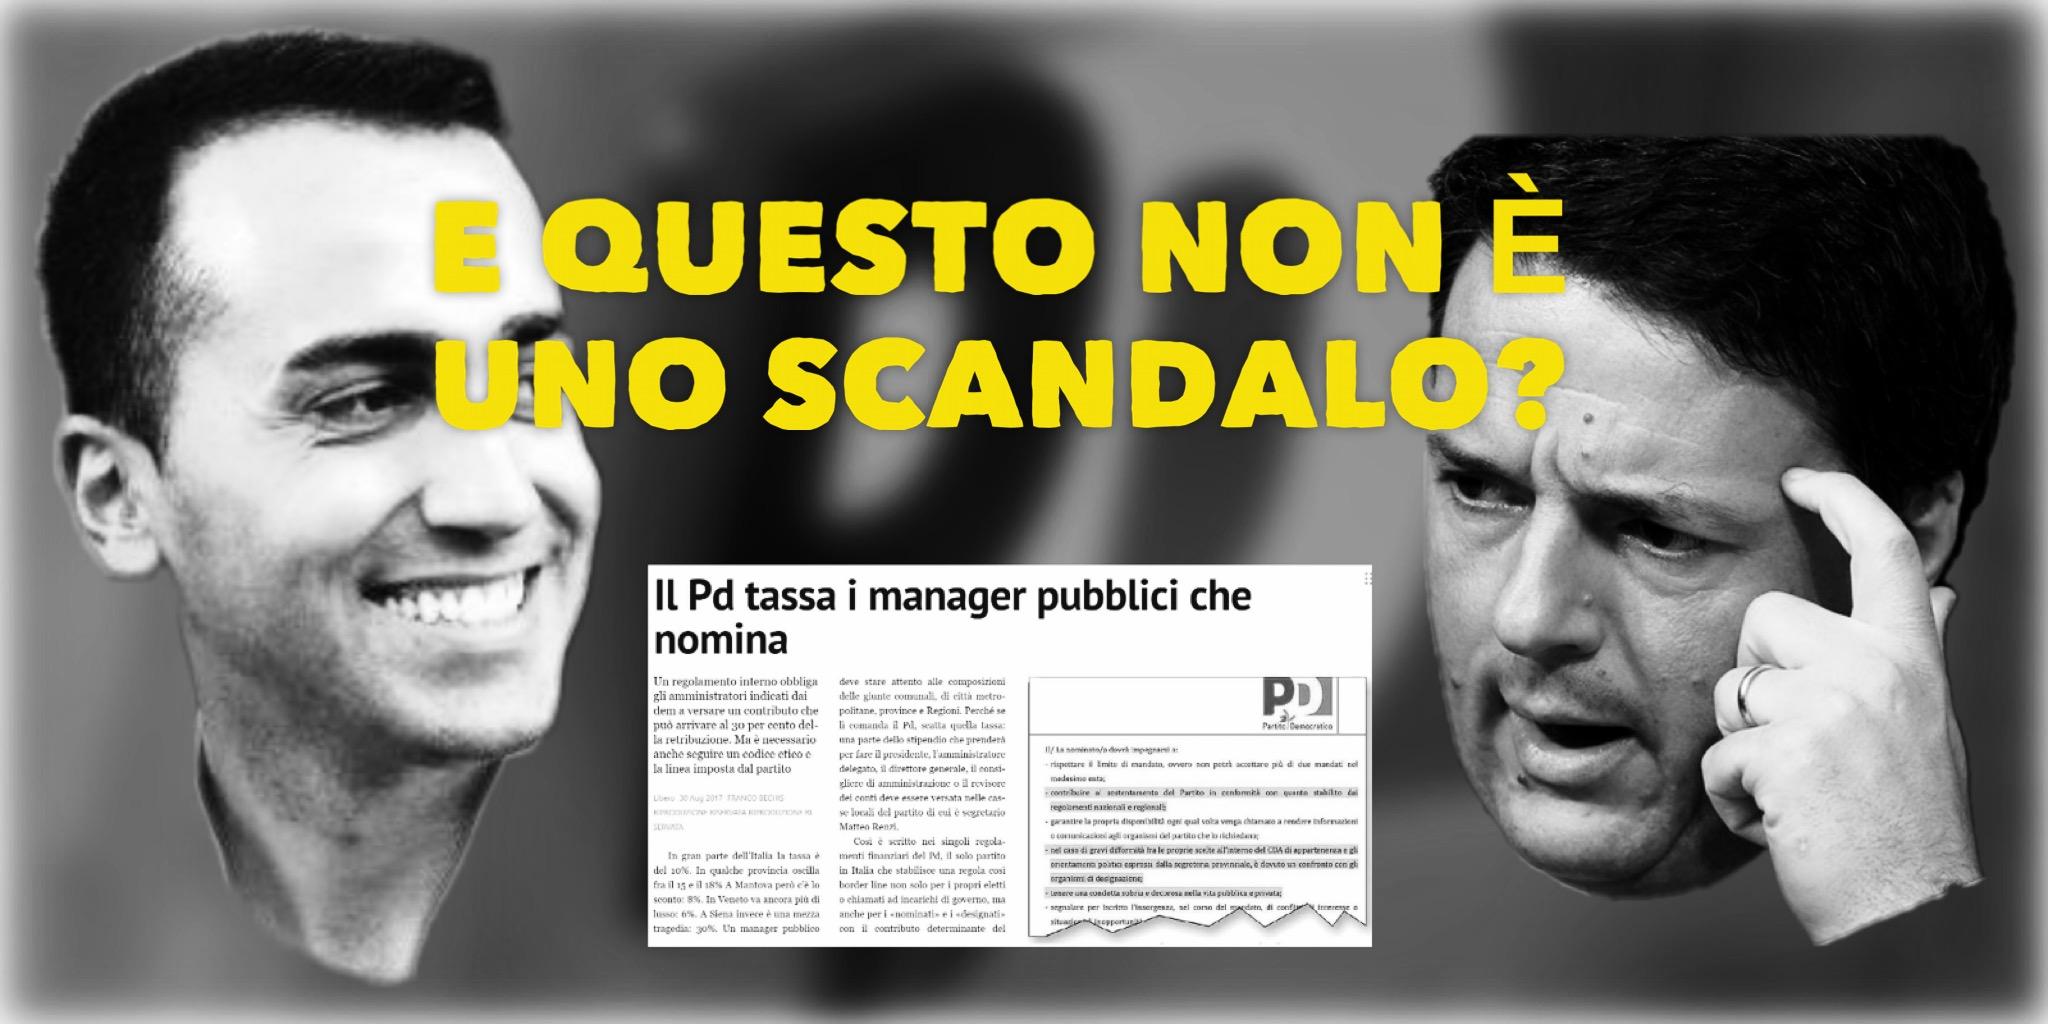 Il PD Tassa i Manager Pubblici Che Nomina